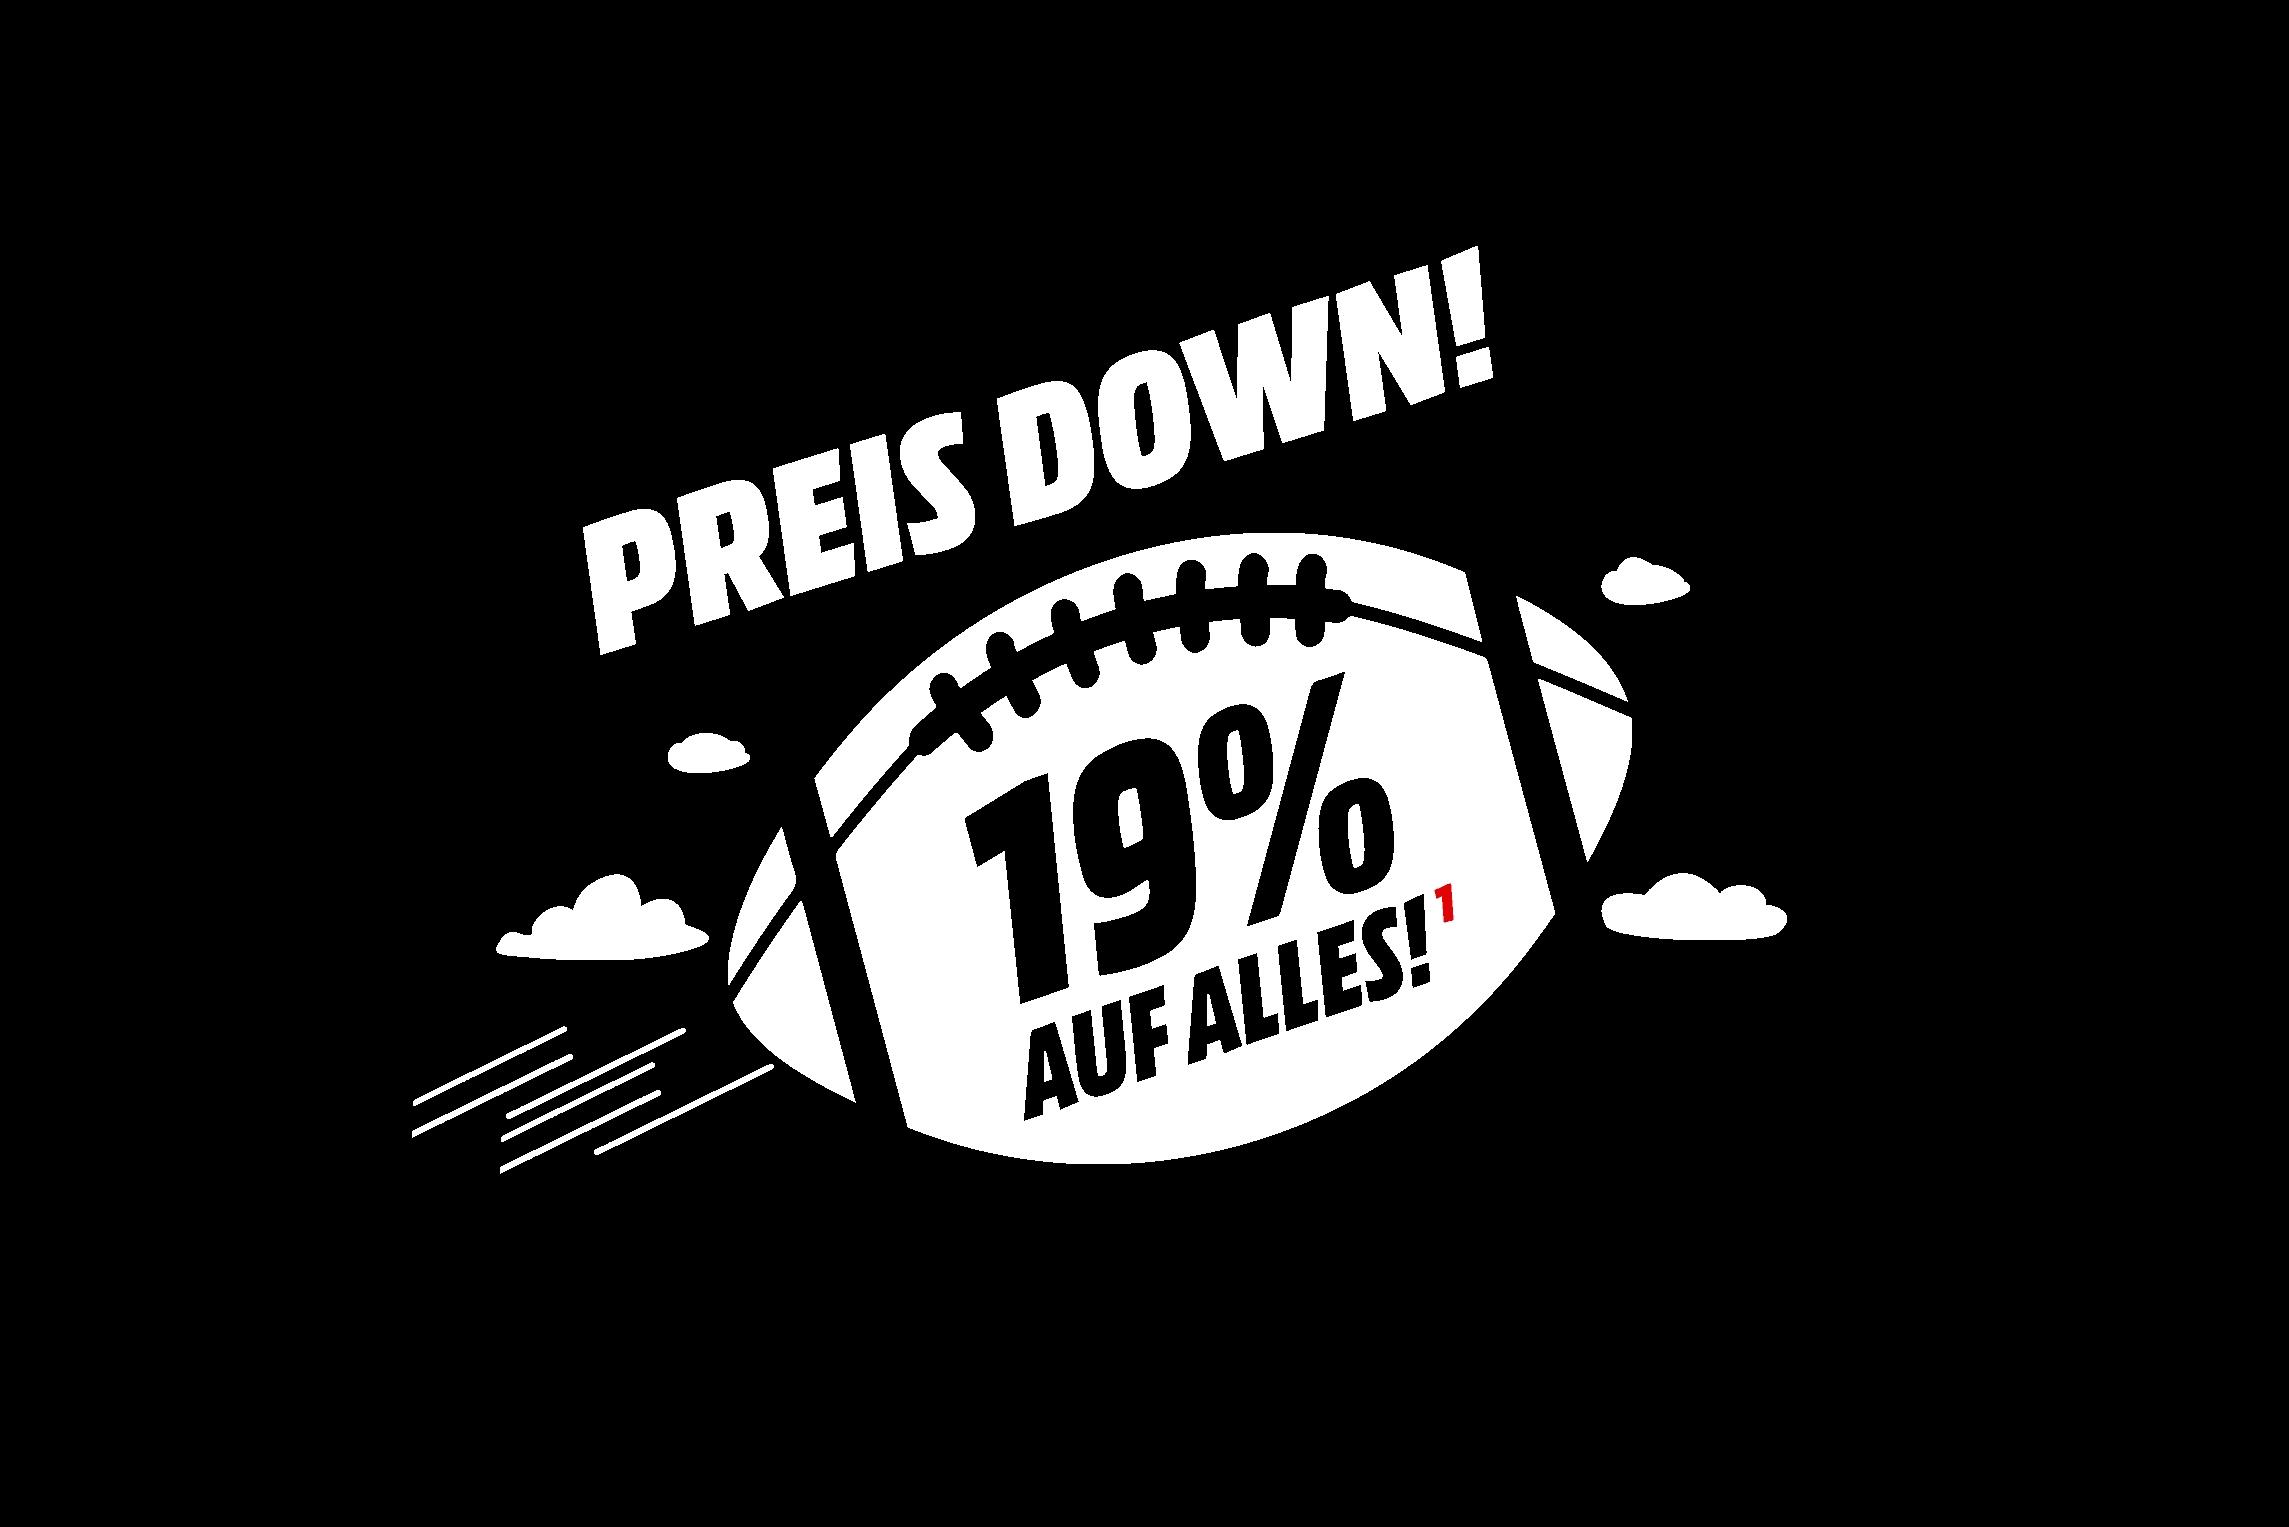 -19% auf alles von 4 bis 5 Uhr bei mediamarkt.de